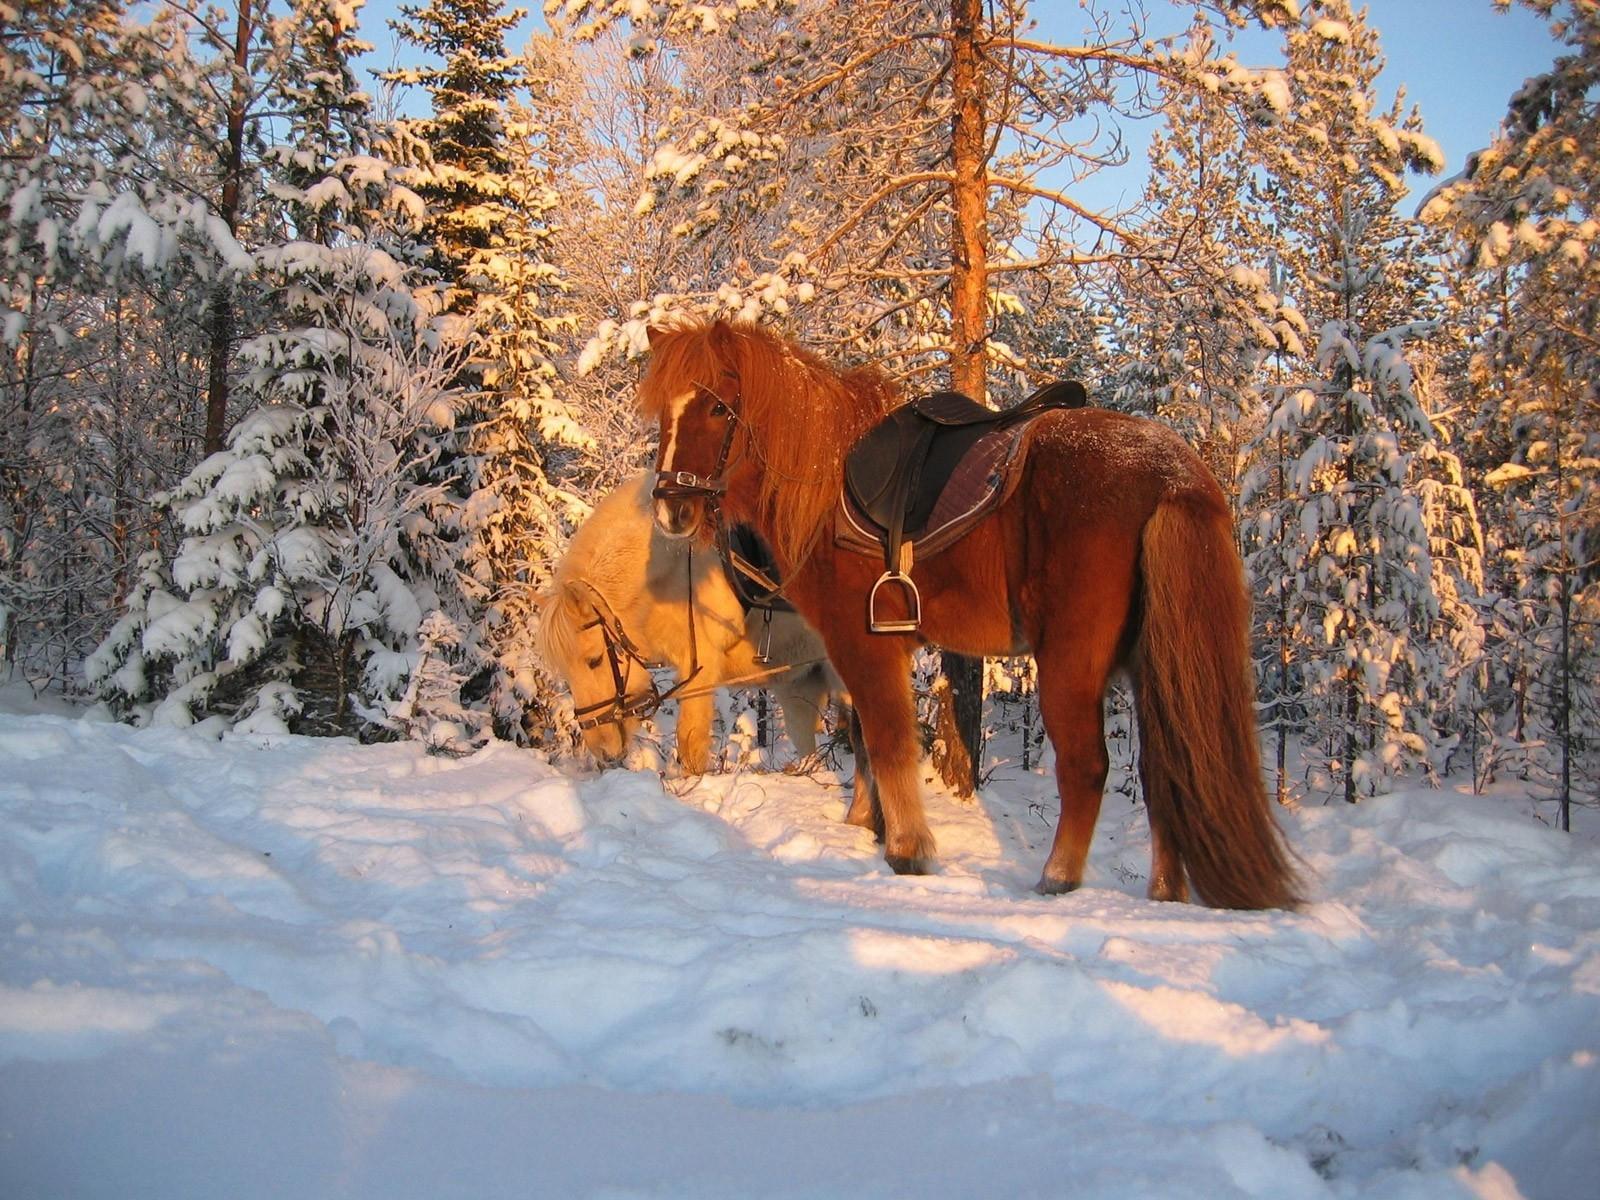 зимняя лошадь обои на рабочий стол № 511091 загрузить